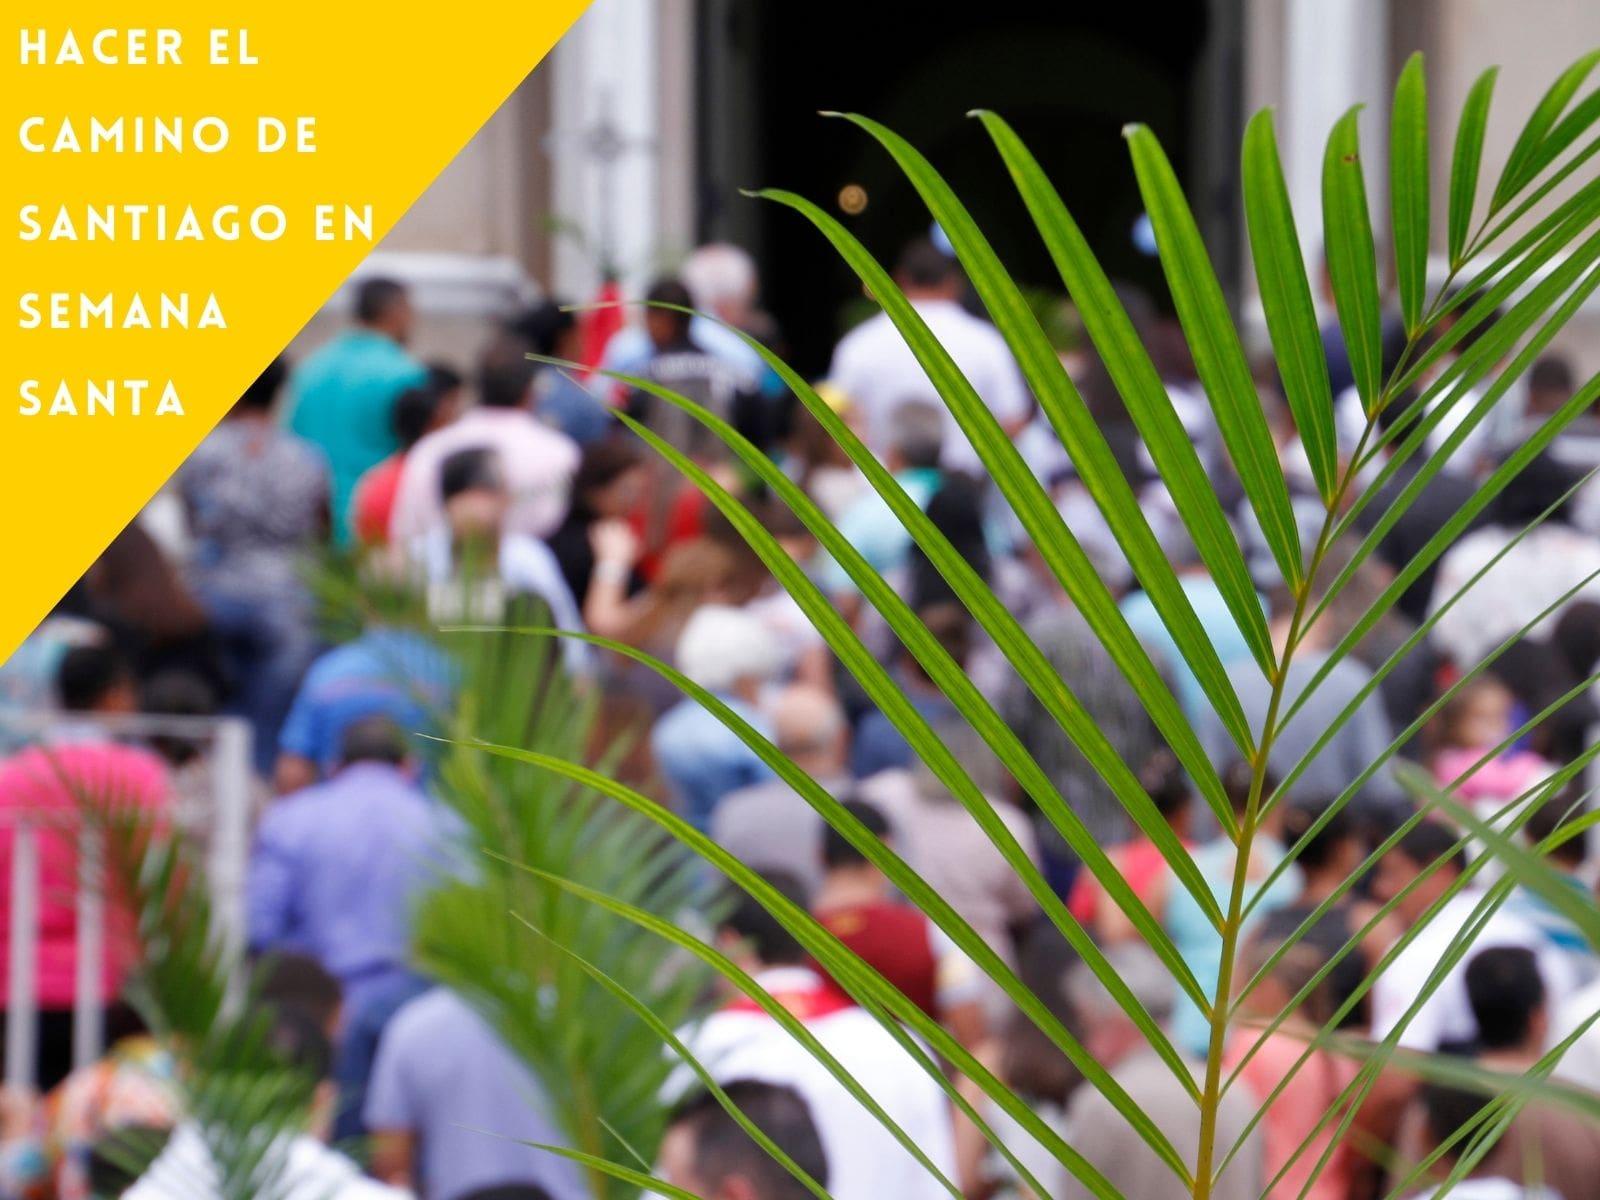 Hacer el Camino de Santiago en Semana Santa